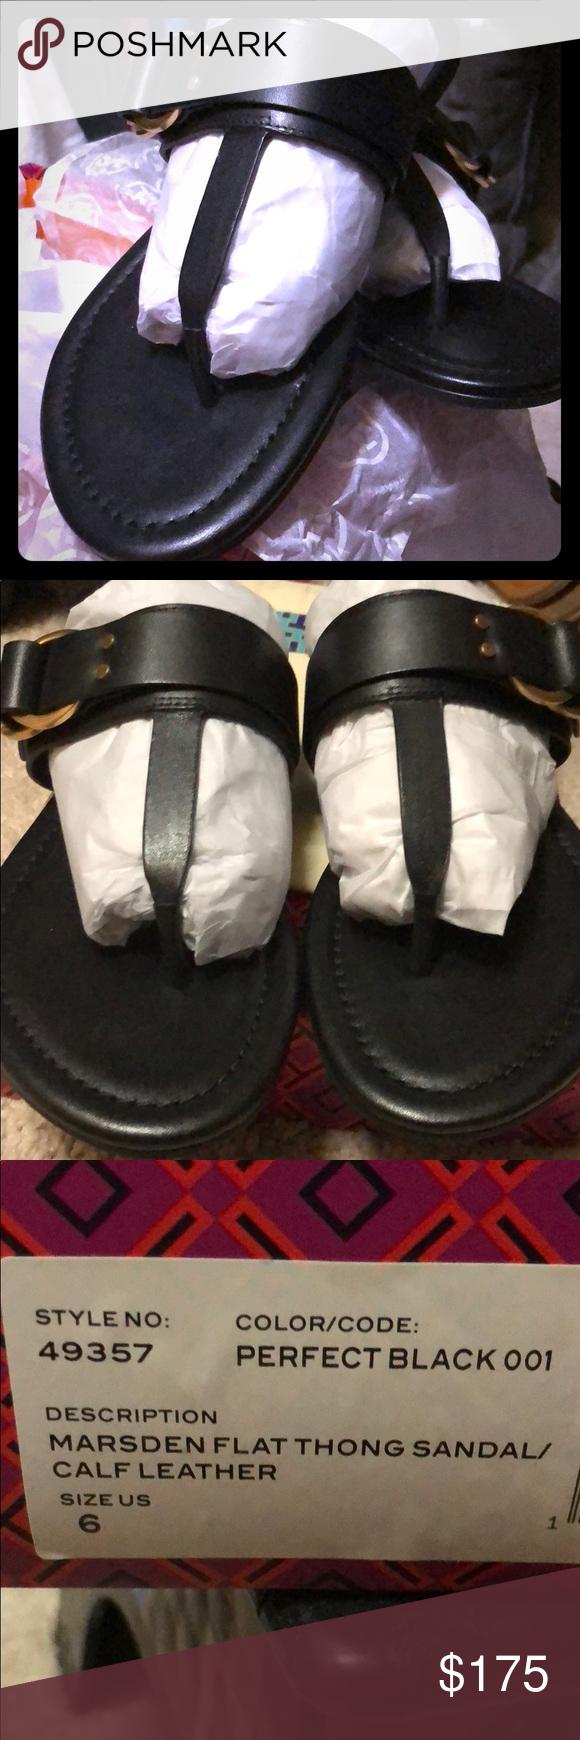 a665dbdbeeb Black Tory Burch Marsden thong sandal Brand new Tory Burch calf leather Marsden  flat thong sandal